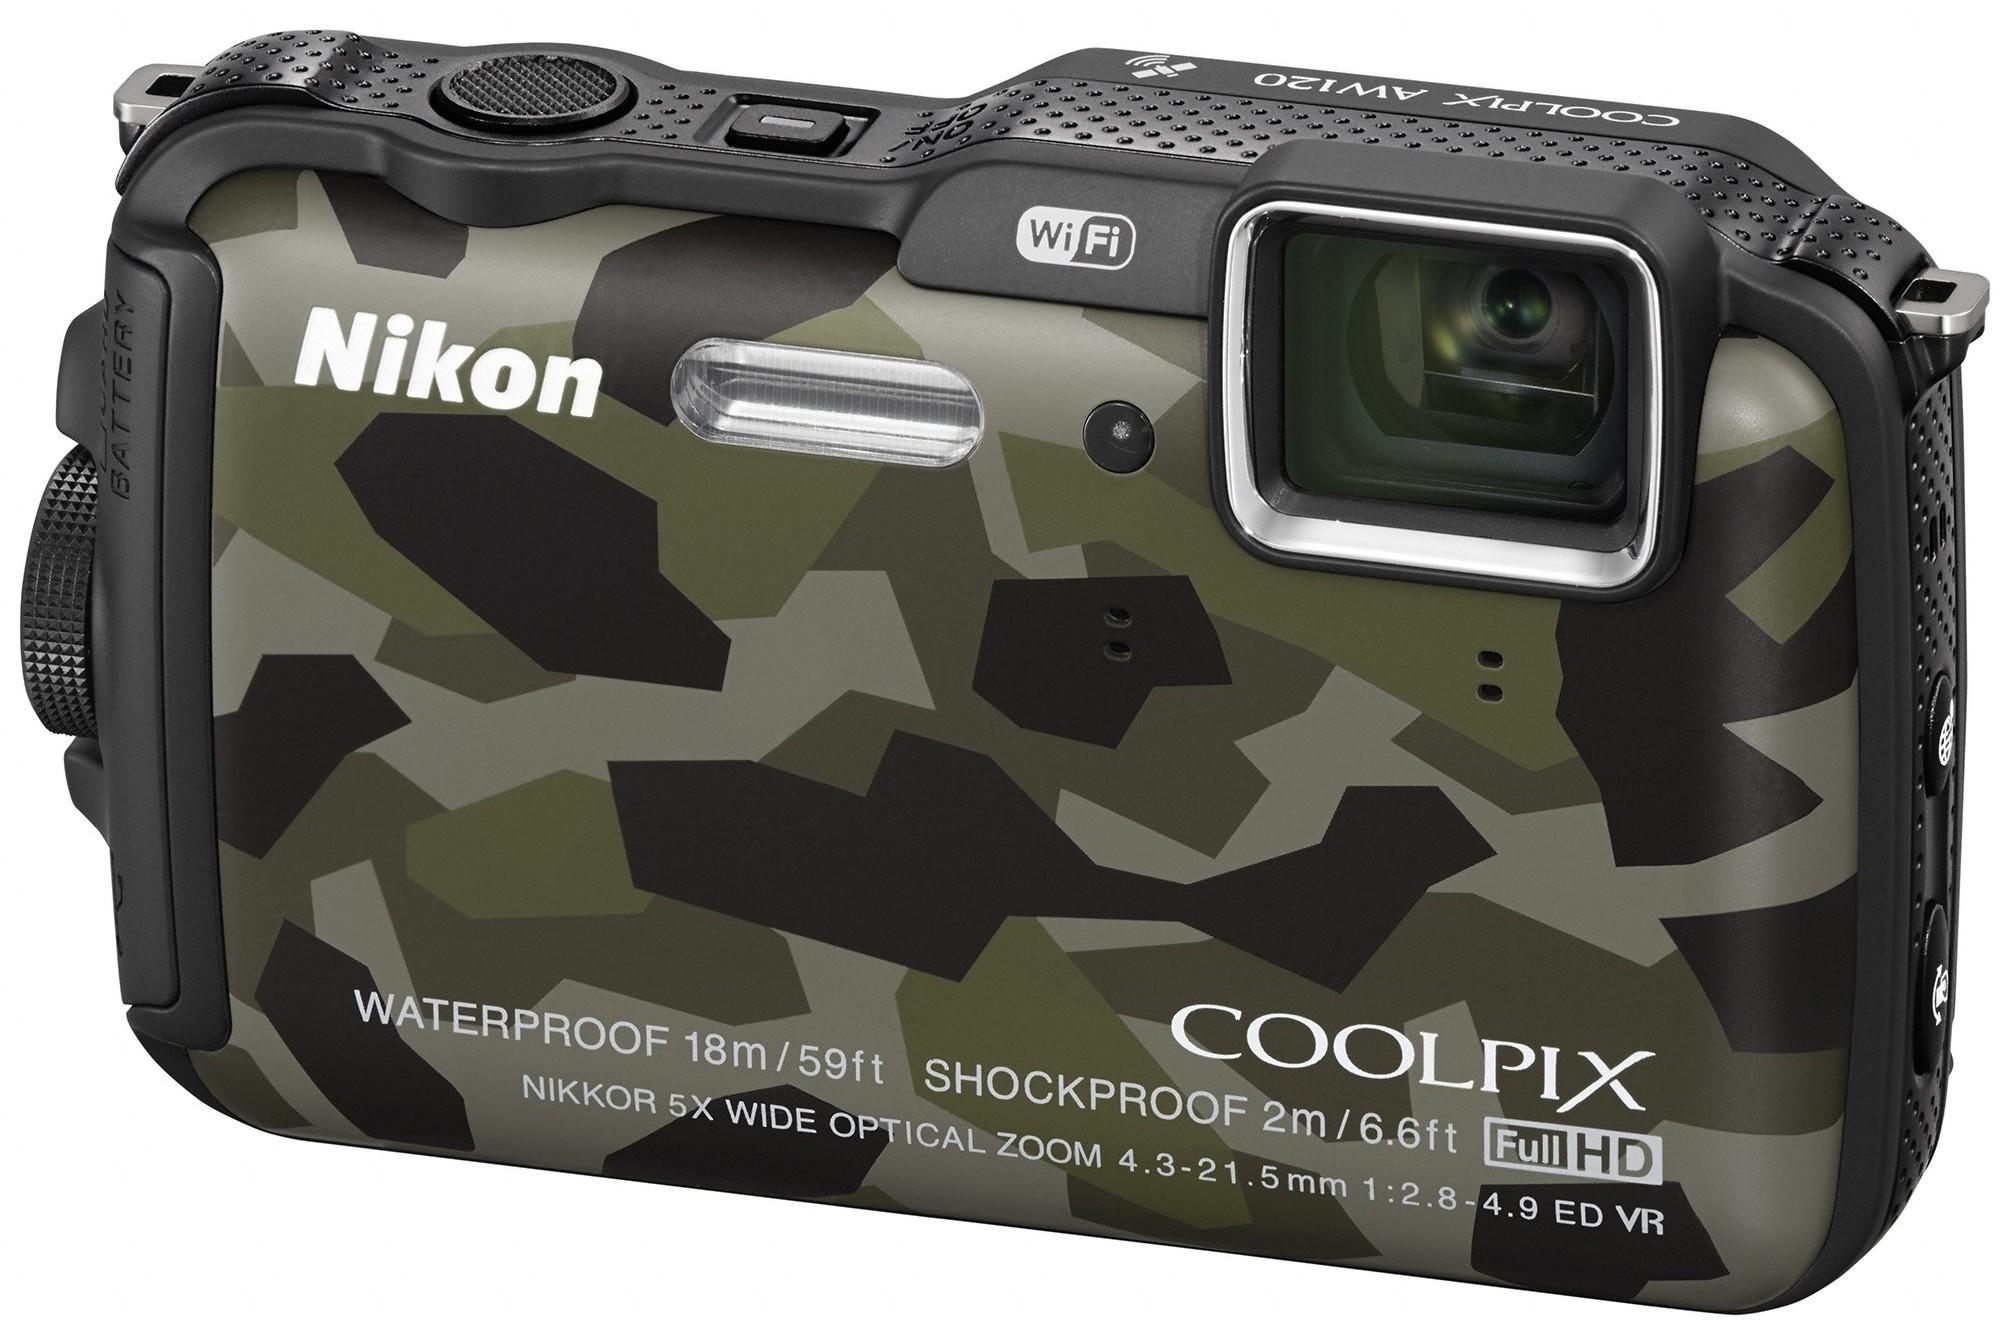 инструкция по использованию фотоопарата nikon coolpix aw110